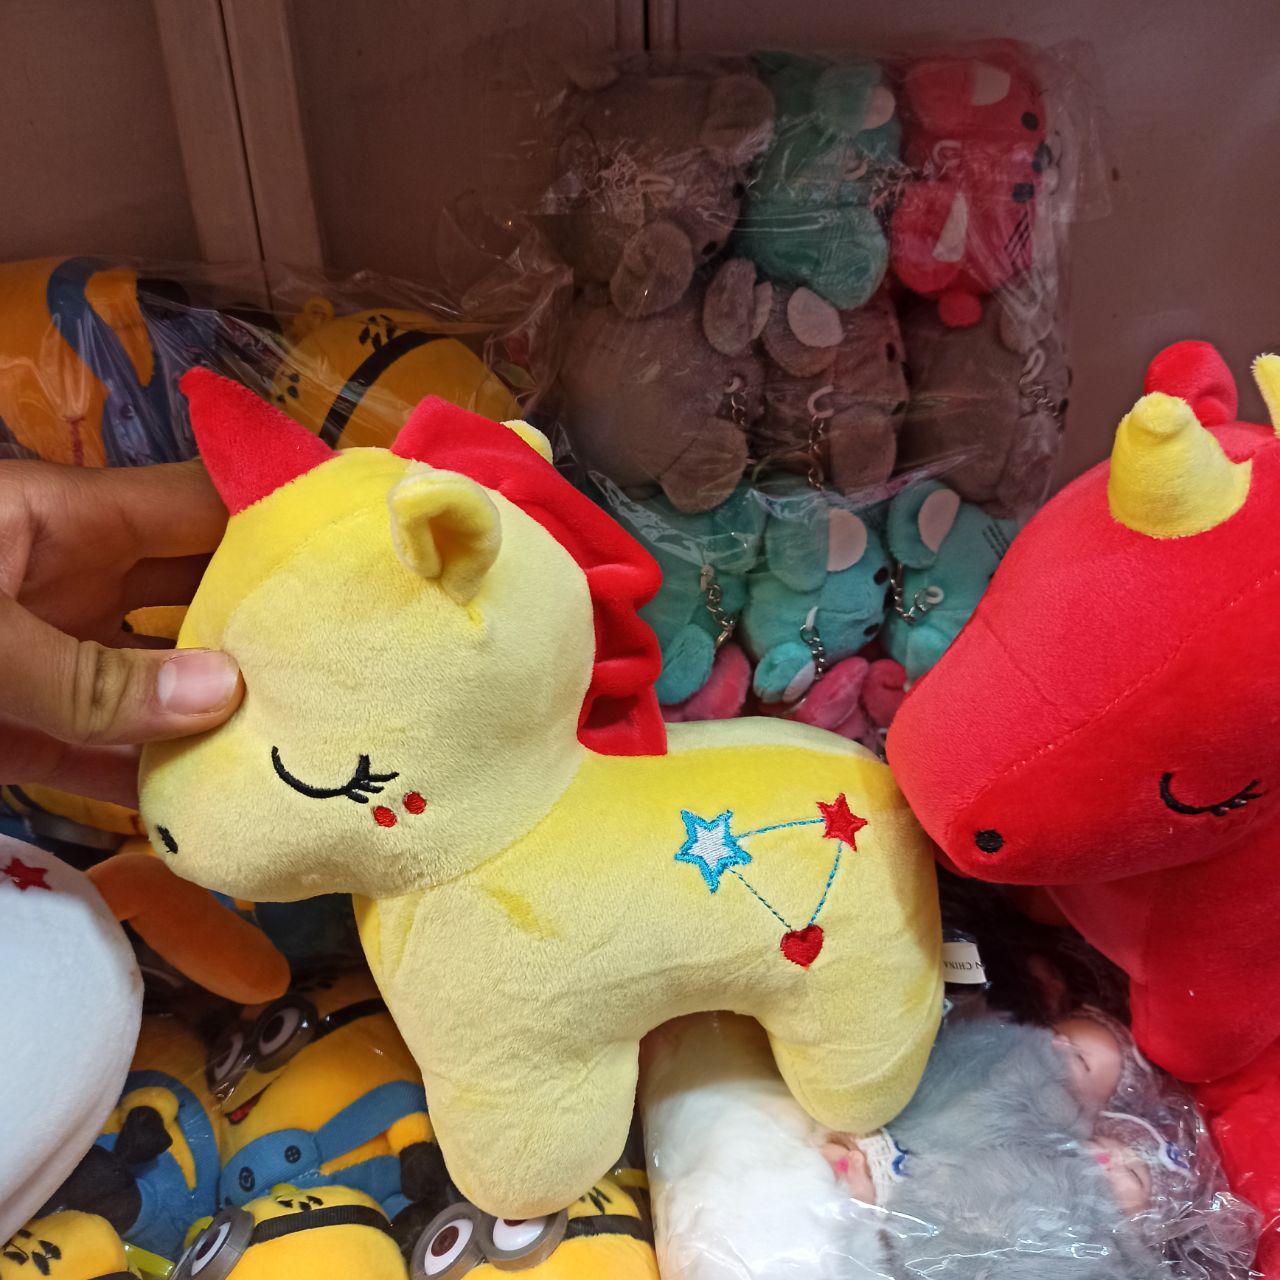 خرید عمده اسباب بازی های خاص عروسک یونیکورن